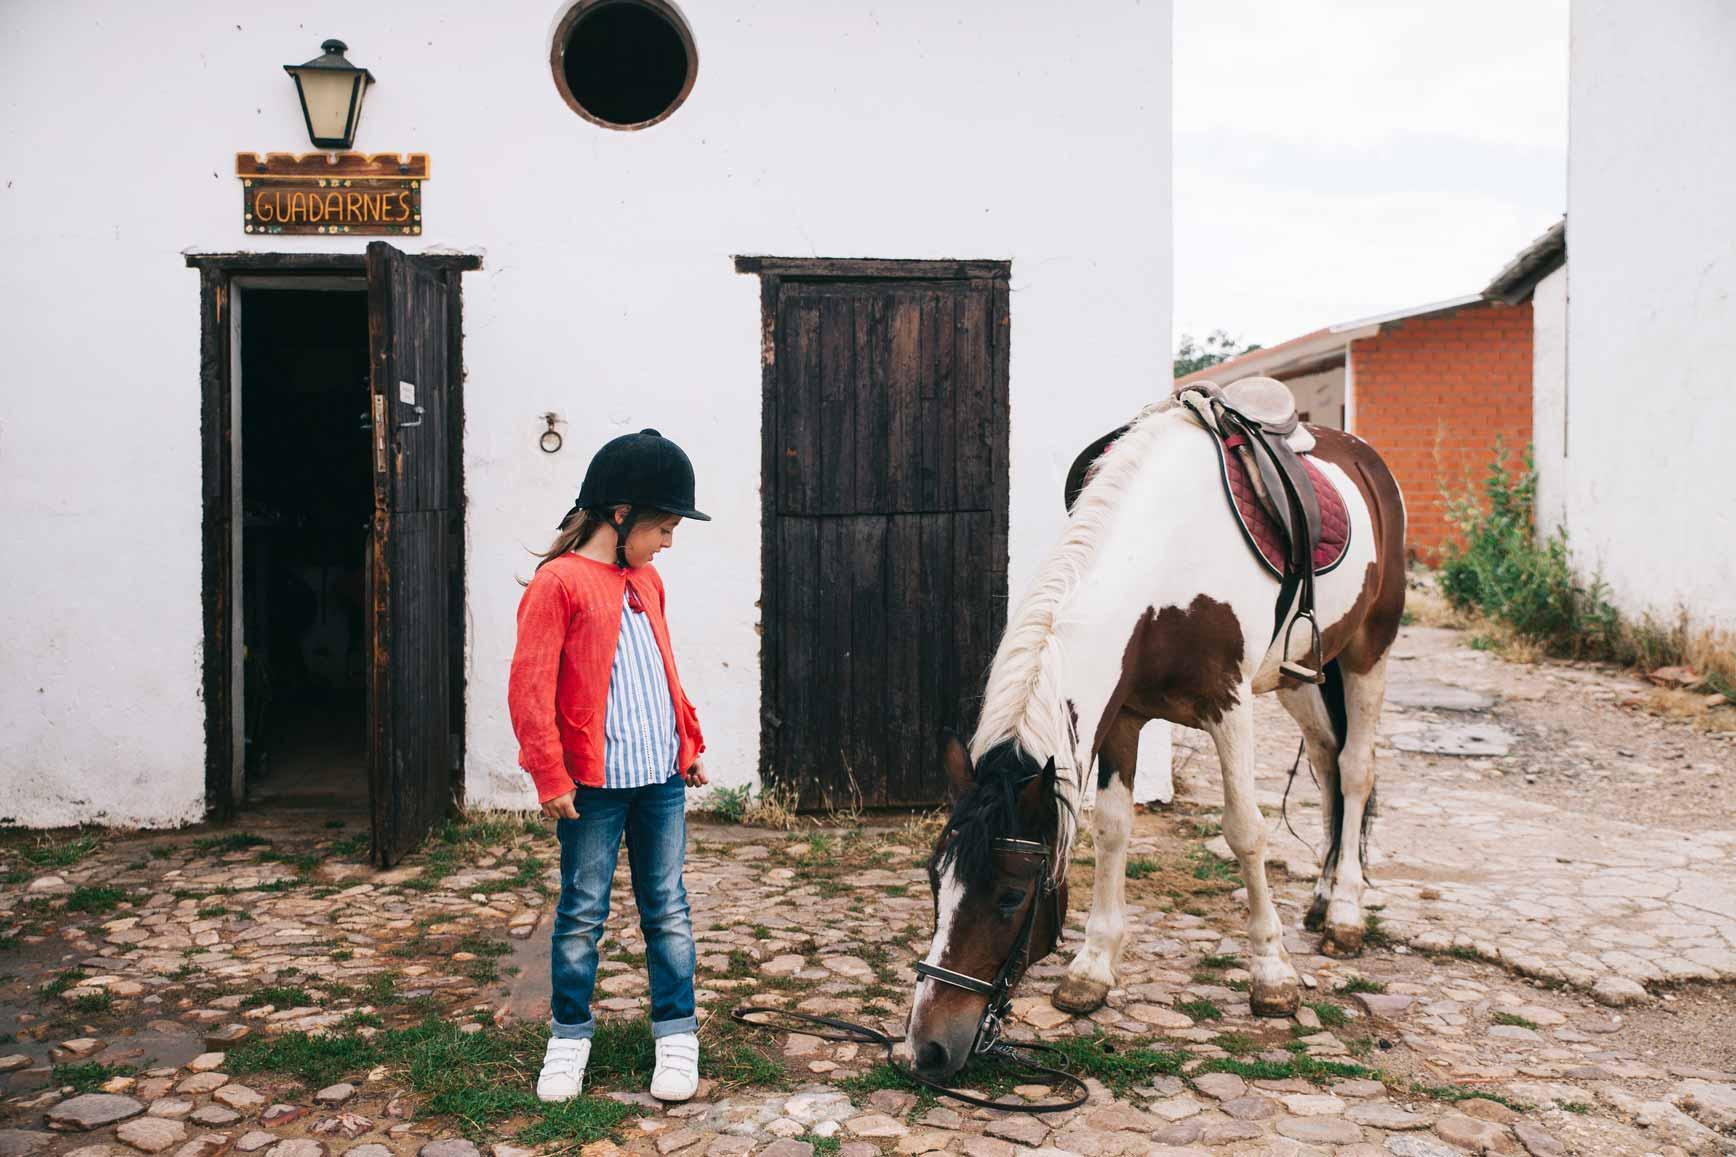 Ruta a Caballo - Caballos La Vereda_claraBmartin_39